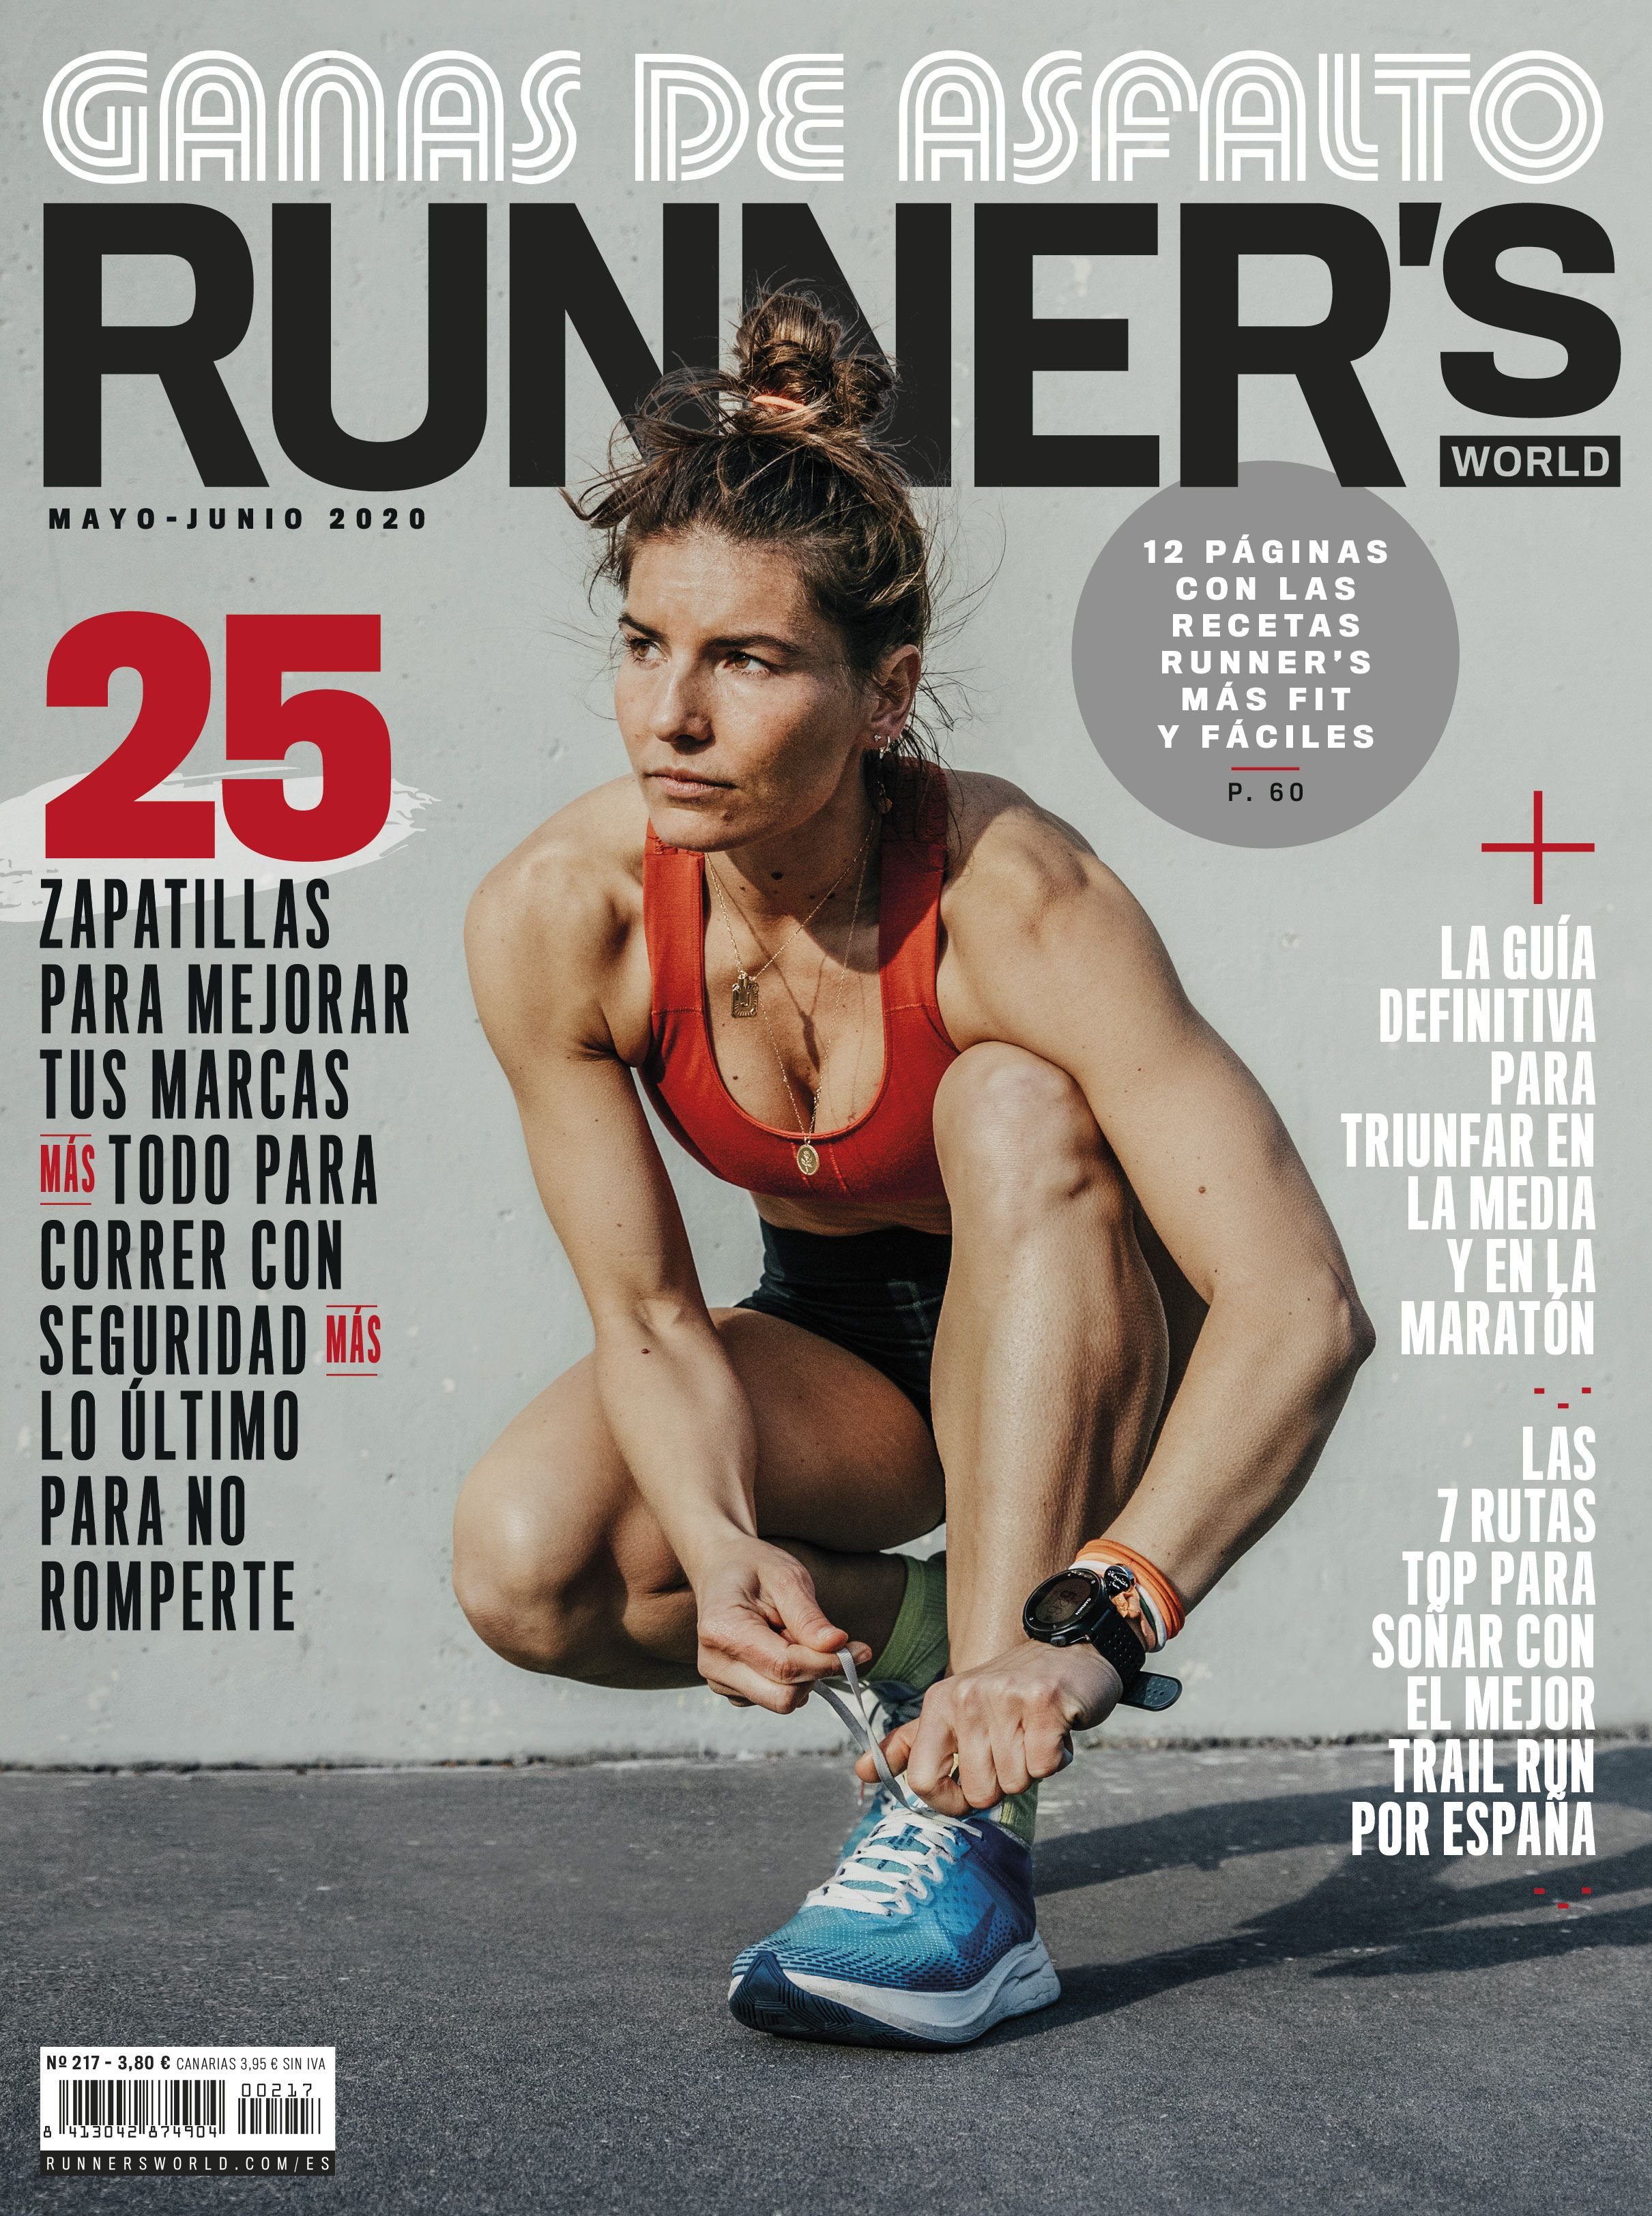 plan de entrenamiento para media maraton en dos meses